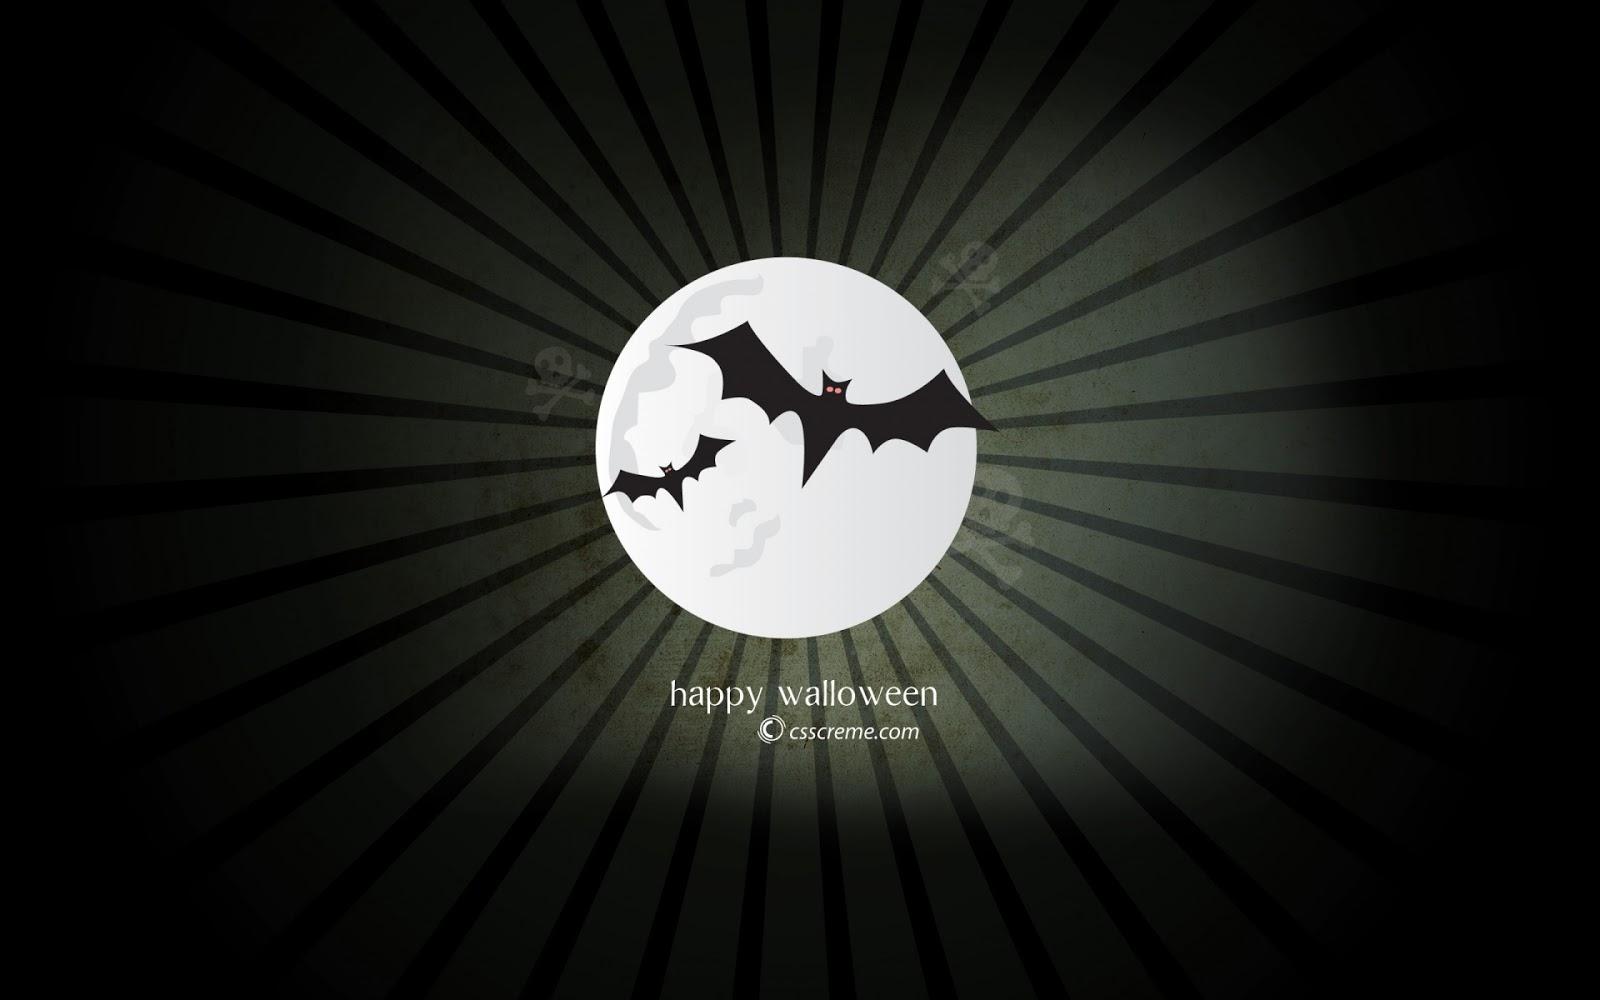 http://2.bp.blogspot.com/-c1suSB8nBhg/UJA_MhMs7PI/AAAAAAAAJX0/qK-bGIYcDGg/s1600/halloween-bats-desktop-wallpaper.jpg